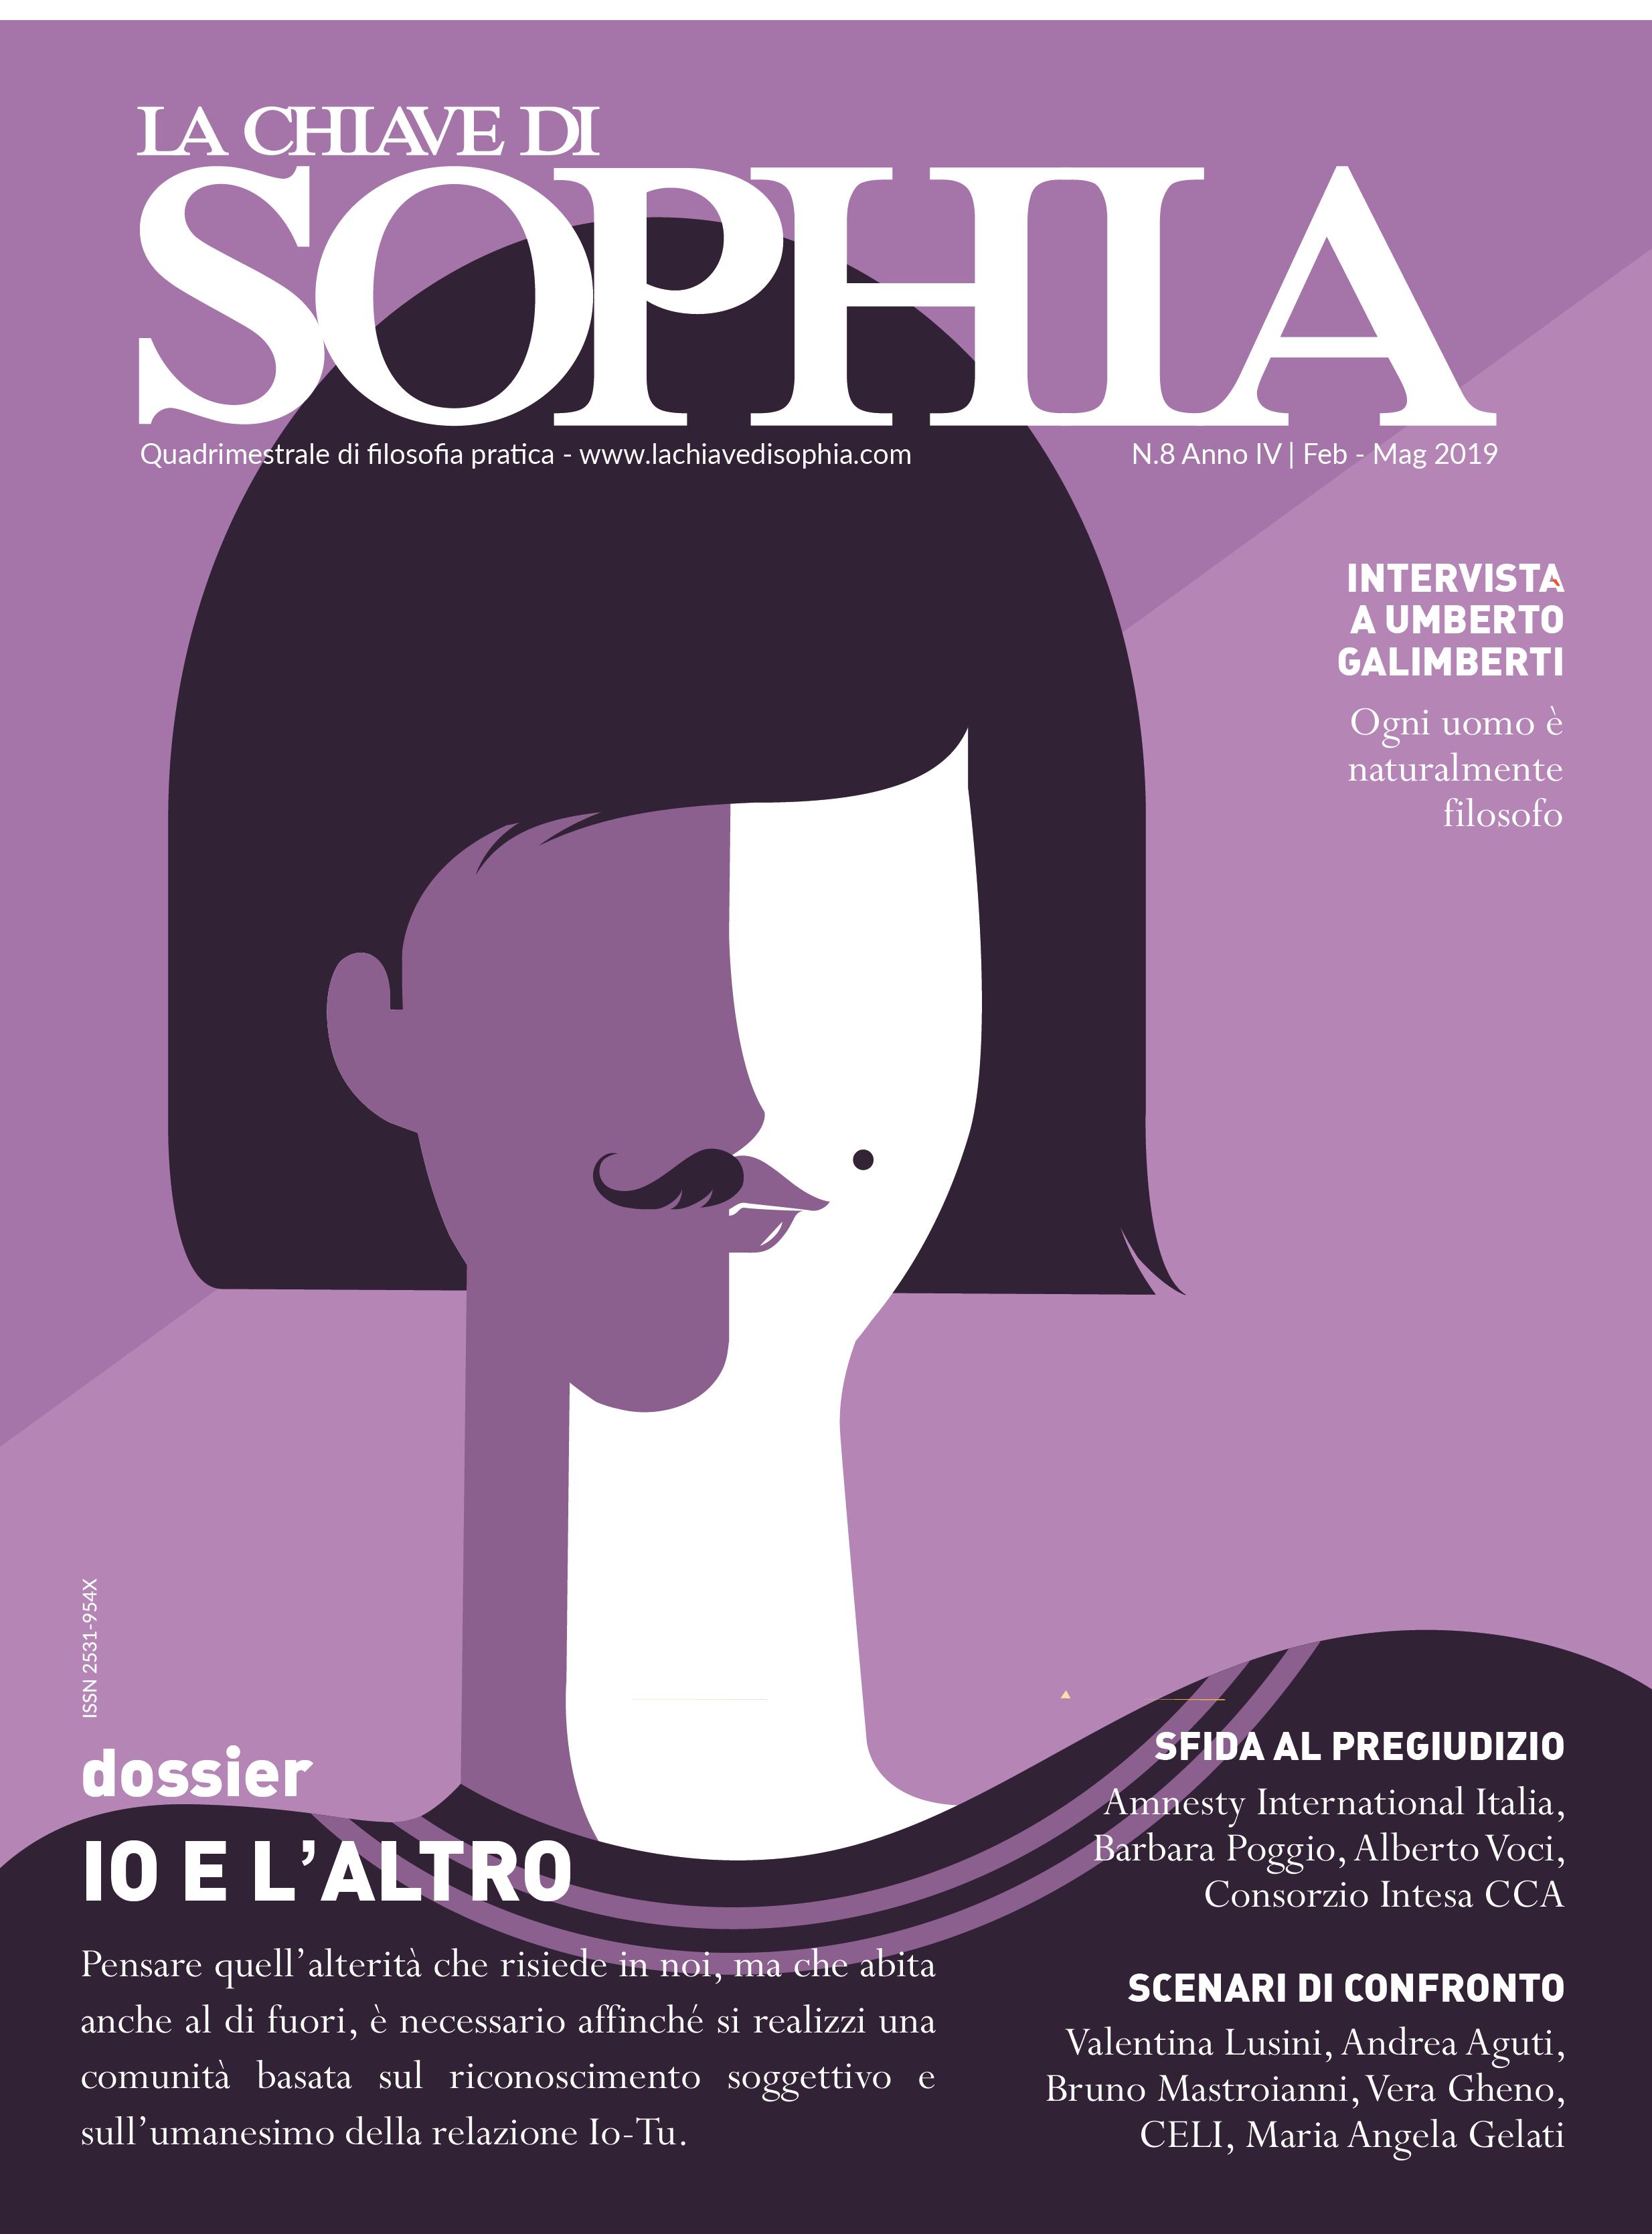 copertina-la-chiave-di-sophia-8-02